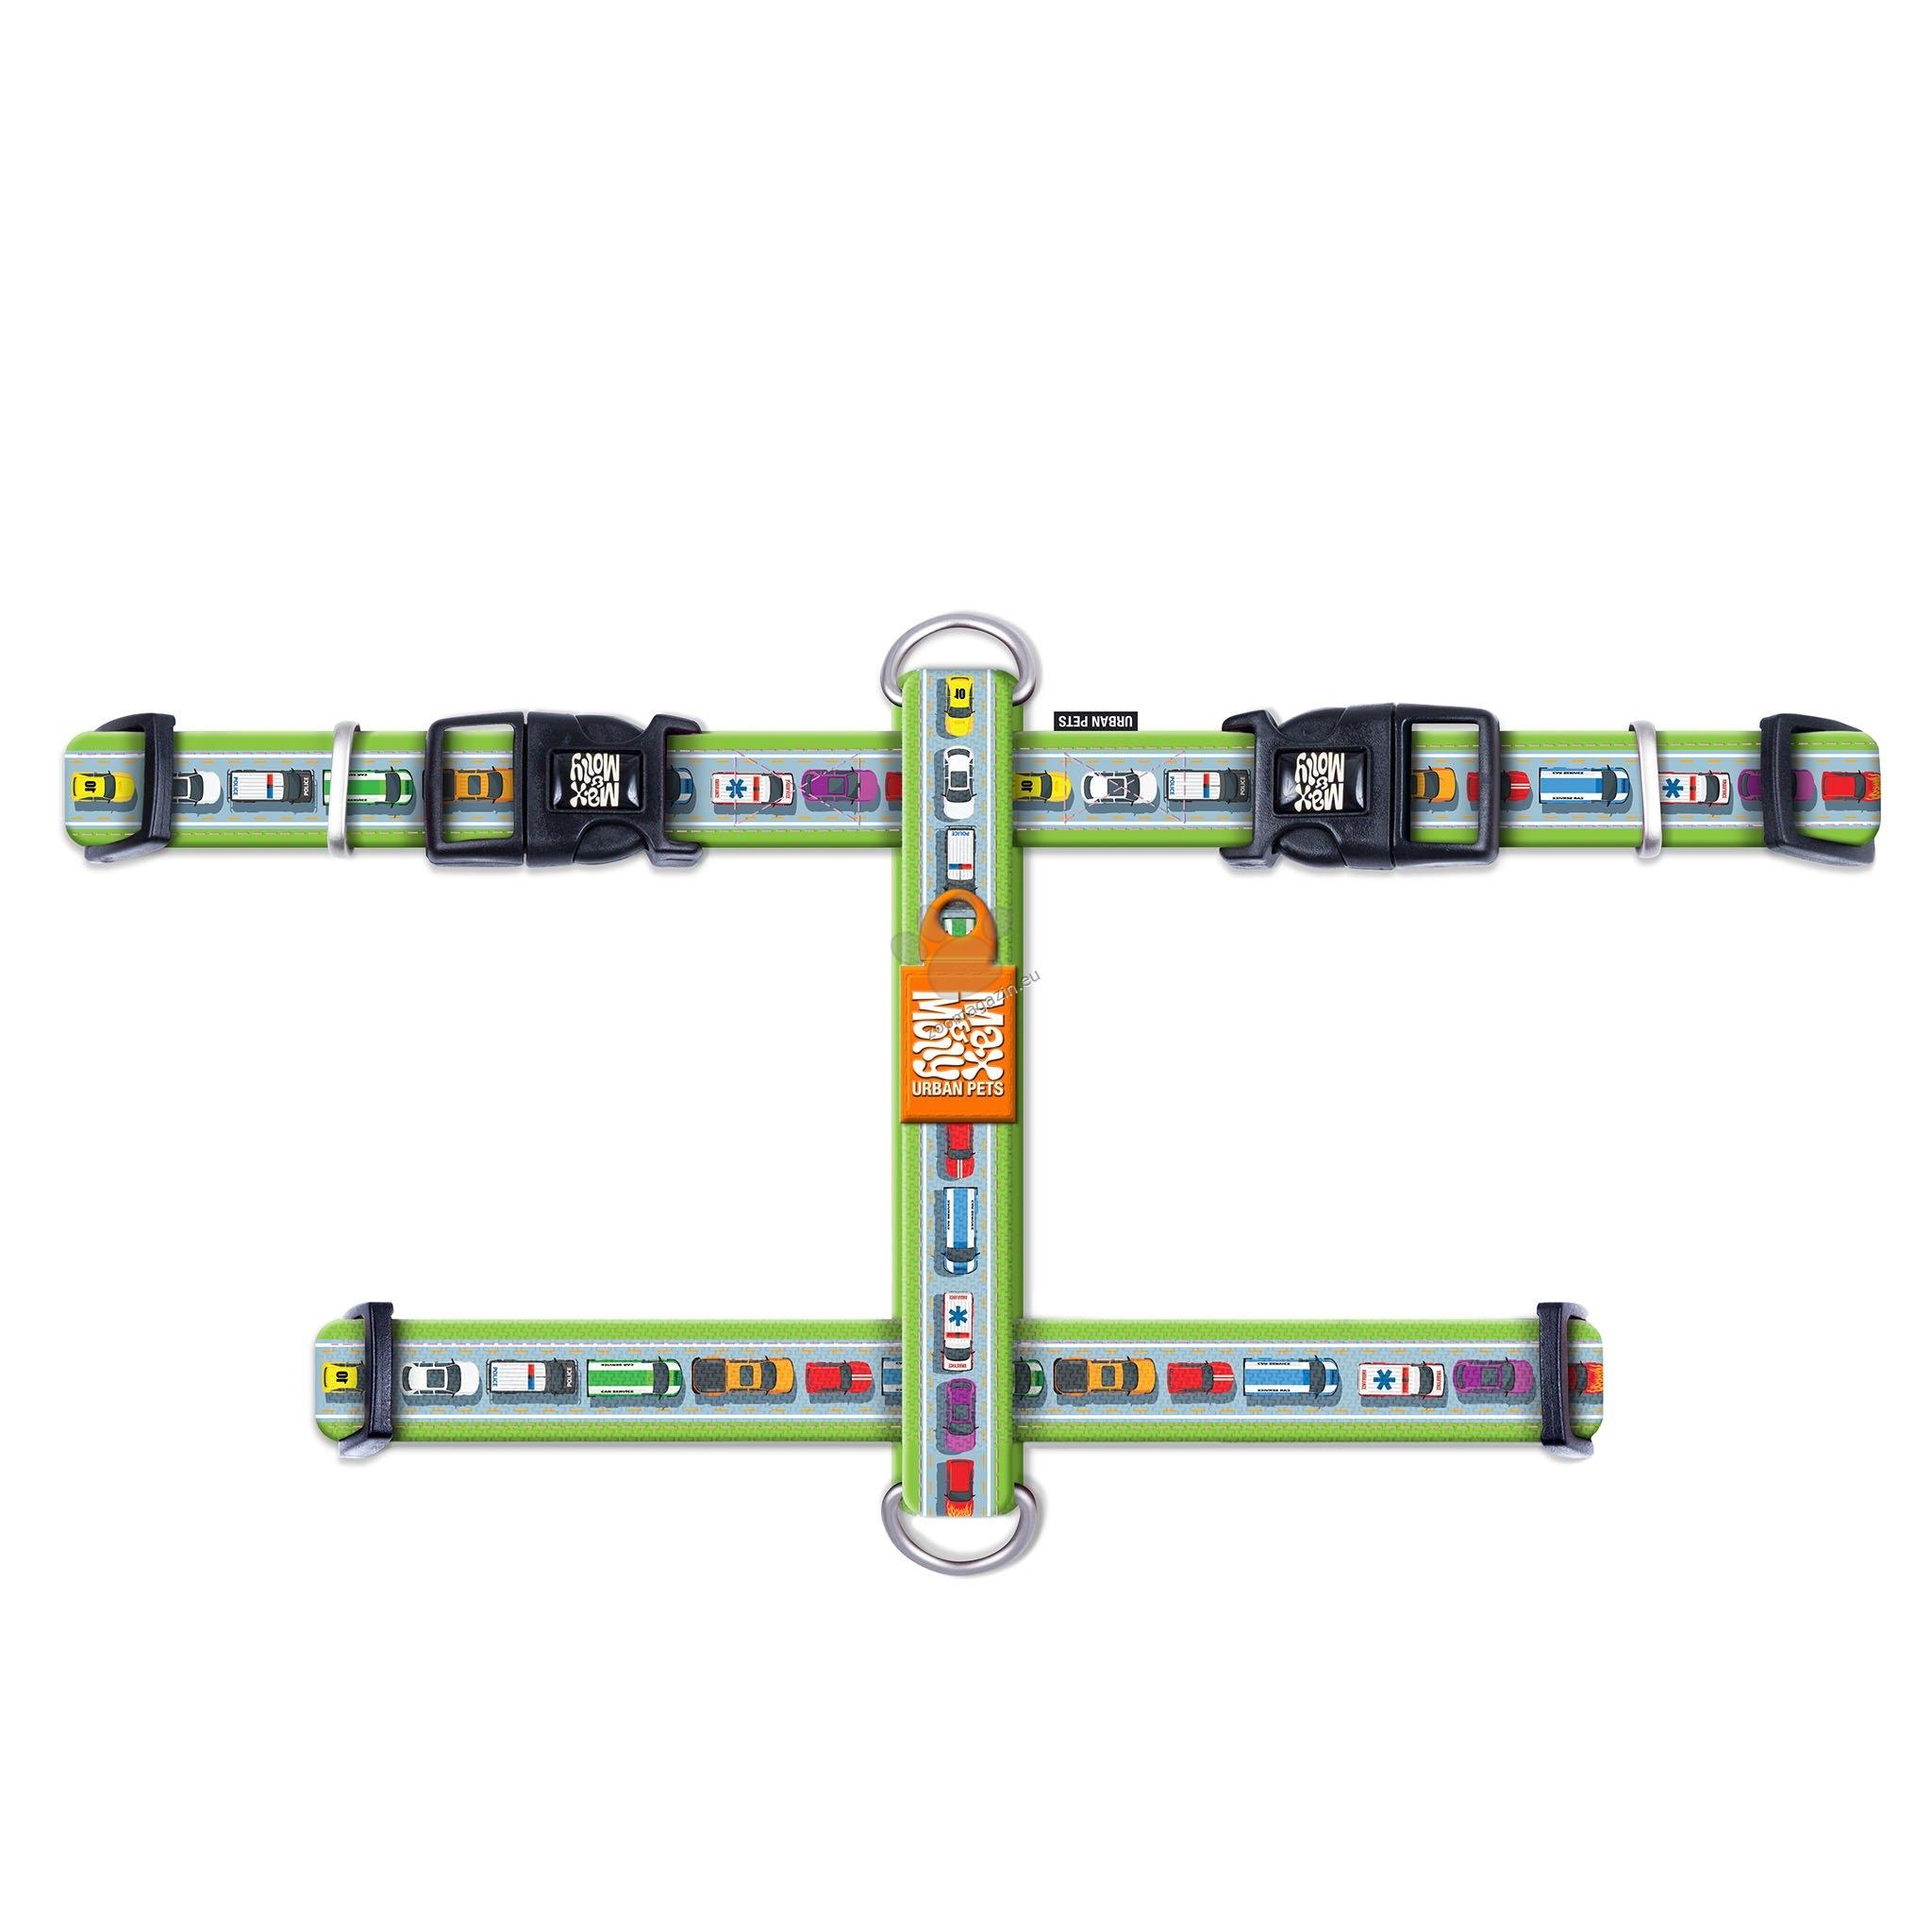 Max Molly H-Harness Traffic Jam XS - нагръдник за кучета с обиколка на врат 24 - 39 см., гърди 32 - 40 см. / 10 мм. и тегло до 9 кг.